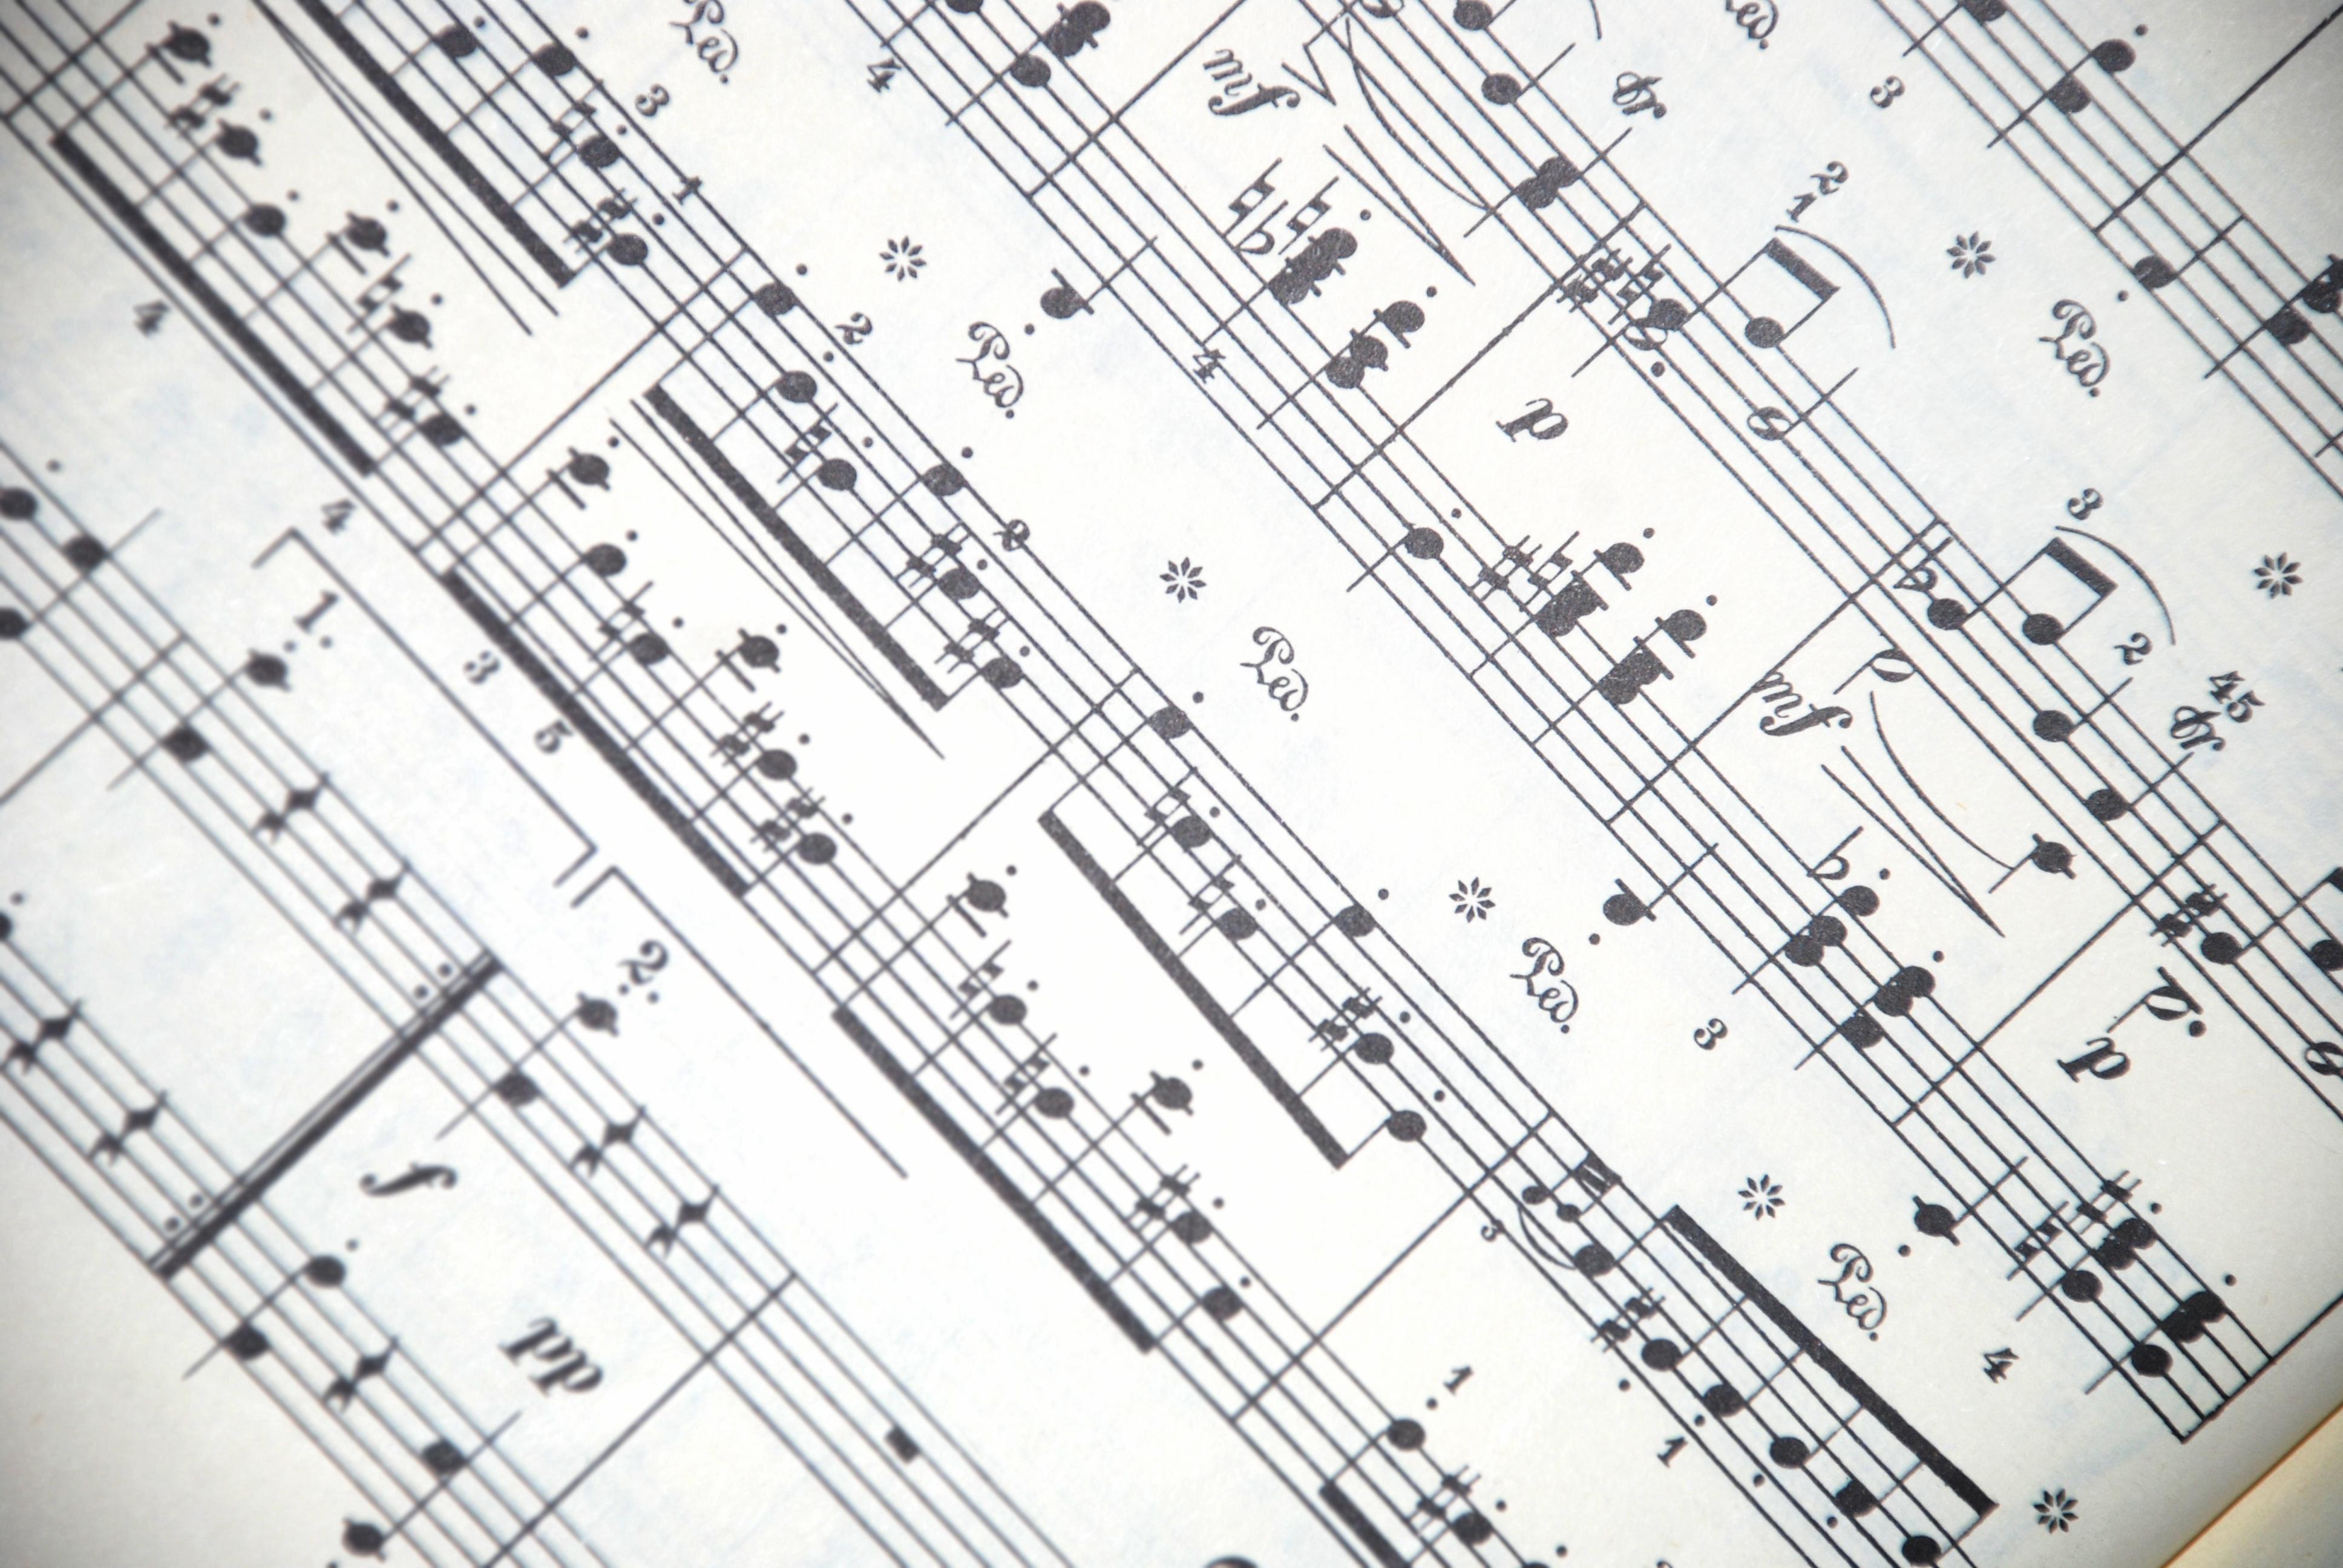 Musik: Regnet och kärleken